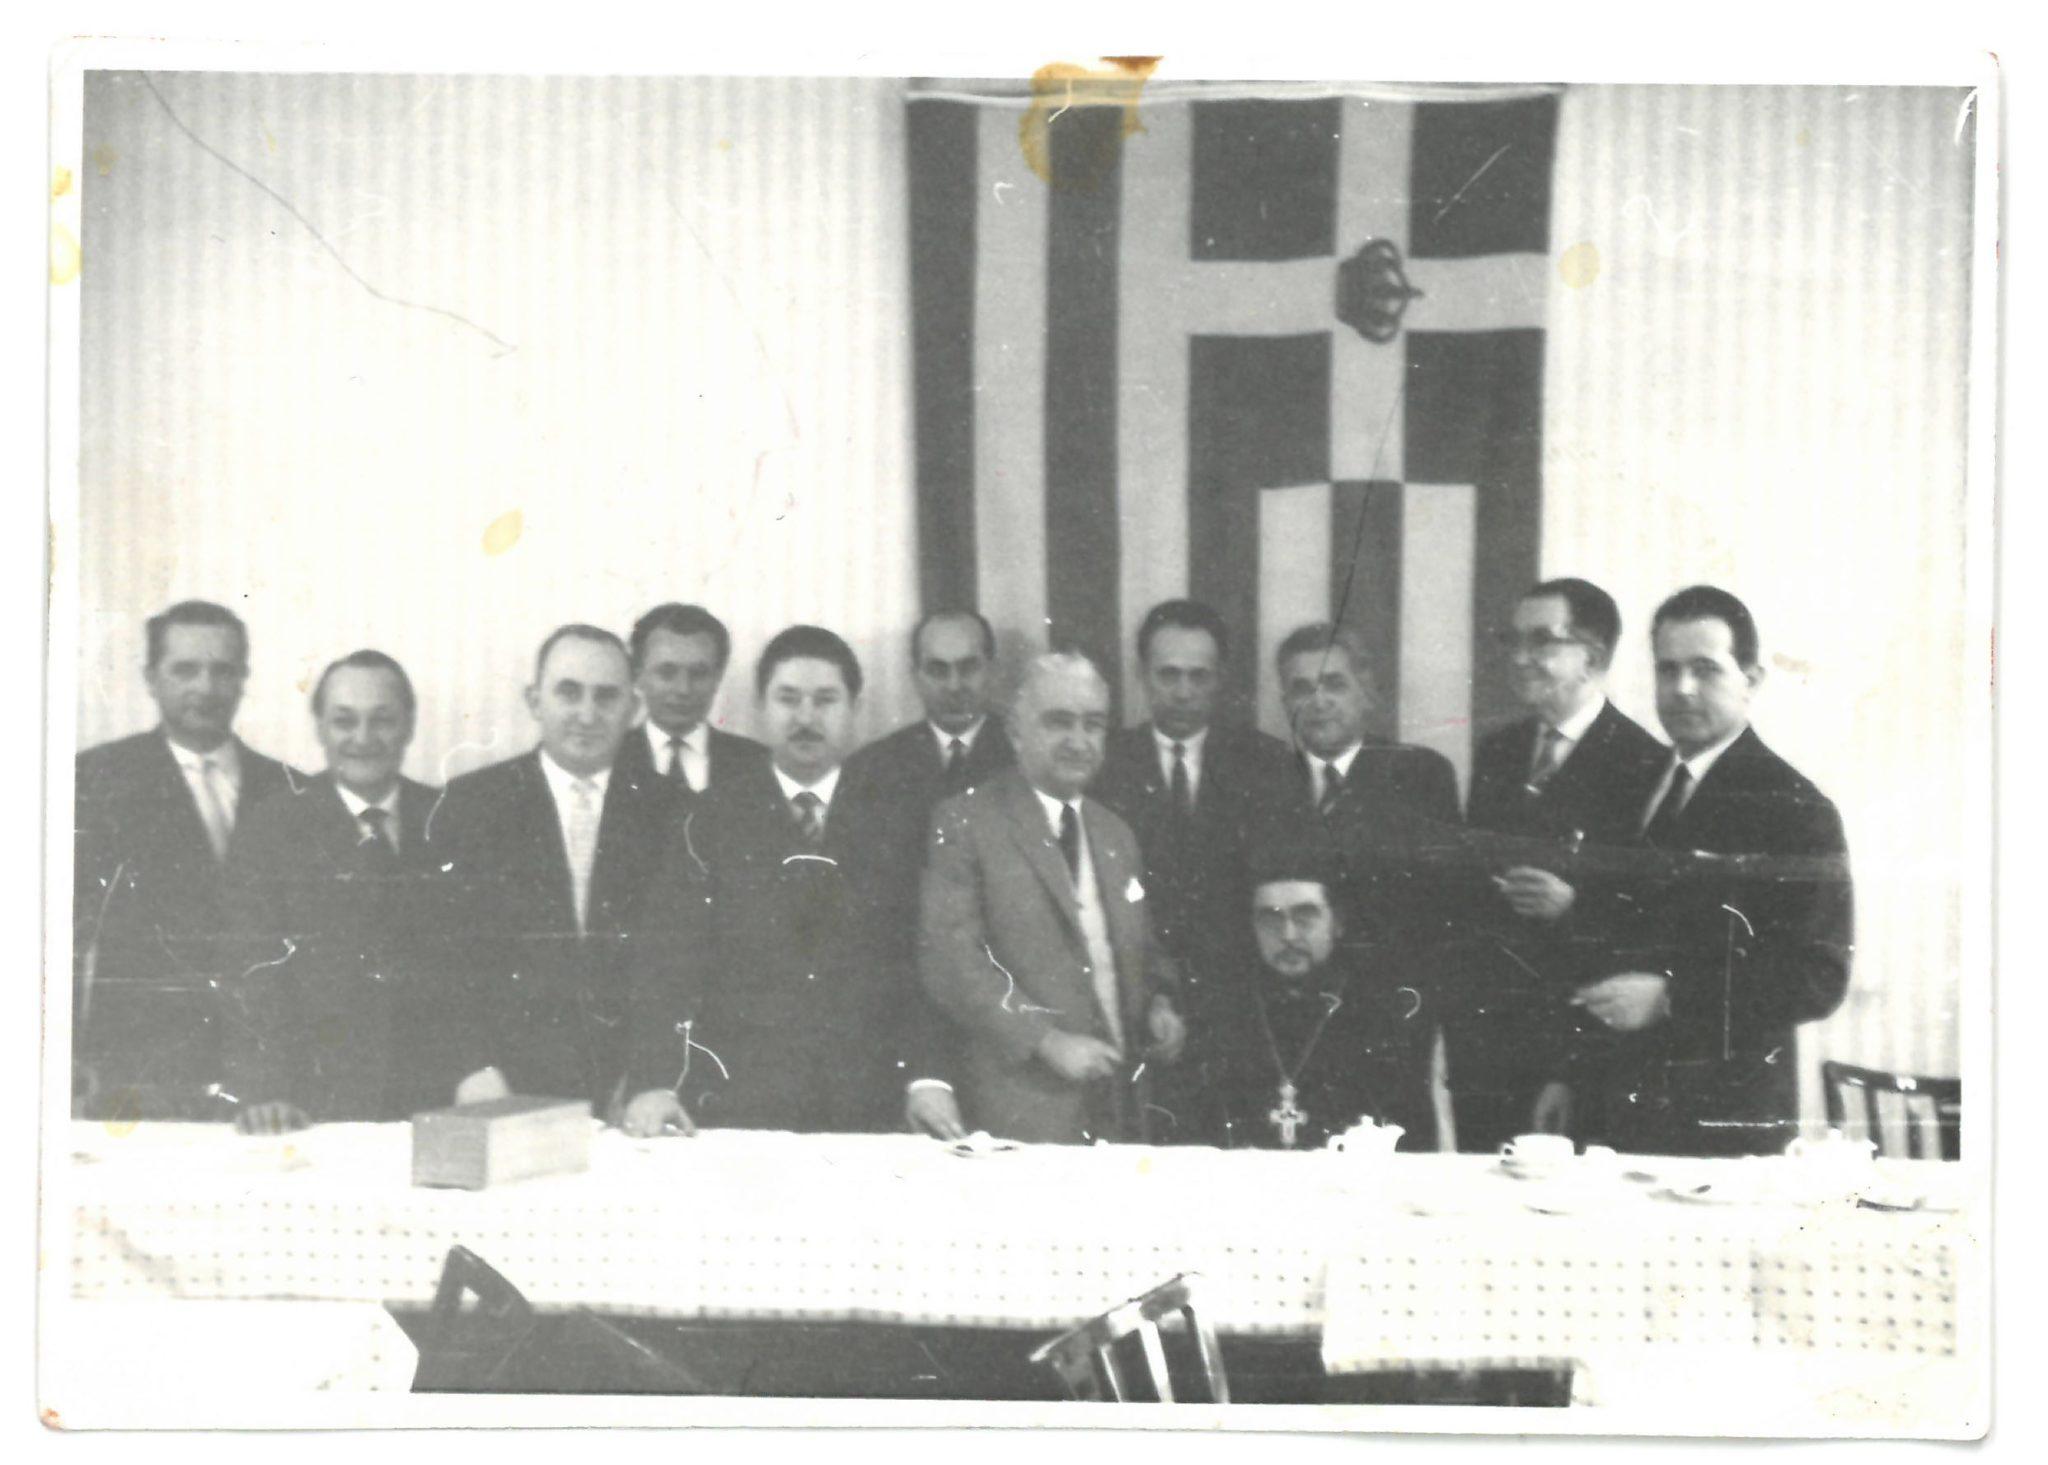 Gruppenfoto in schwarzweiss